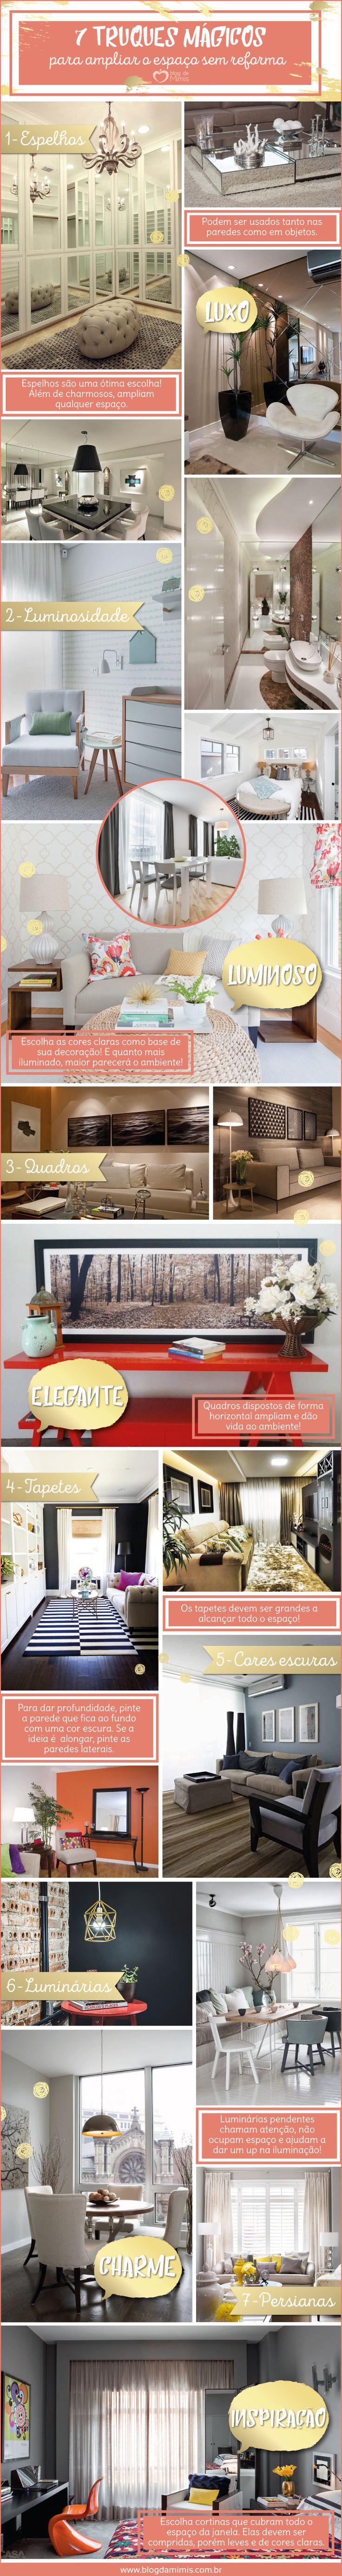 7 Truques mágicos para ampliar o espaço sem reforma - Blog da Mimis #decor #espelhos #luminárias #home reforma #ampliar